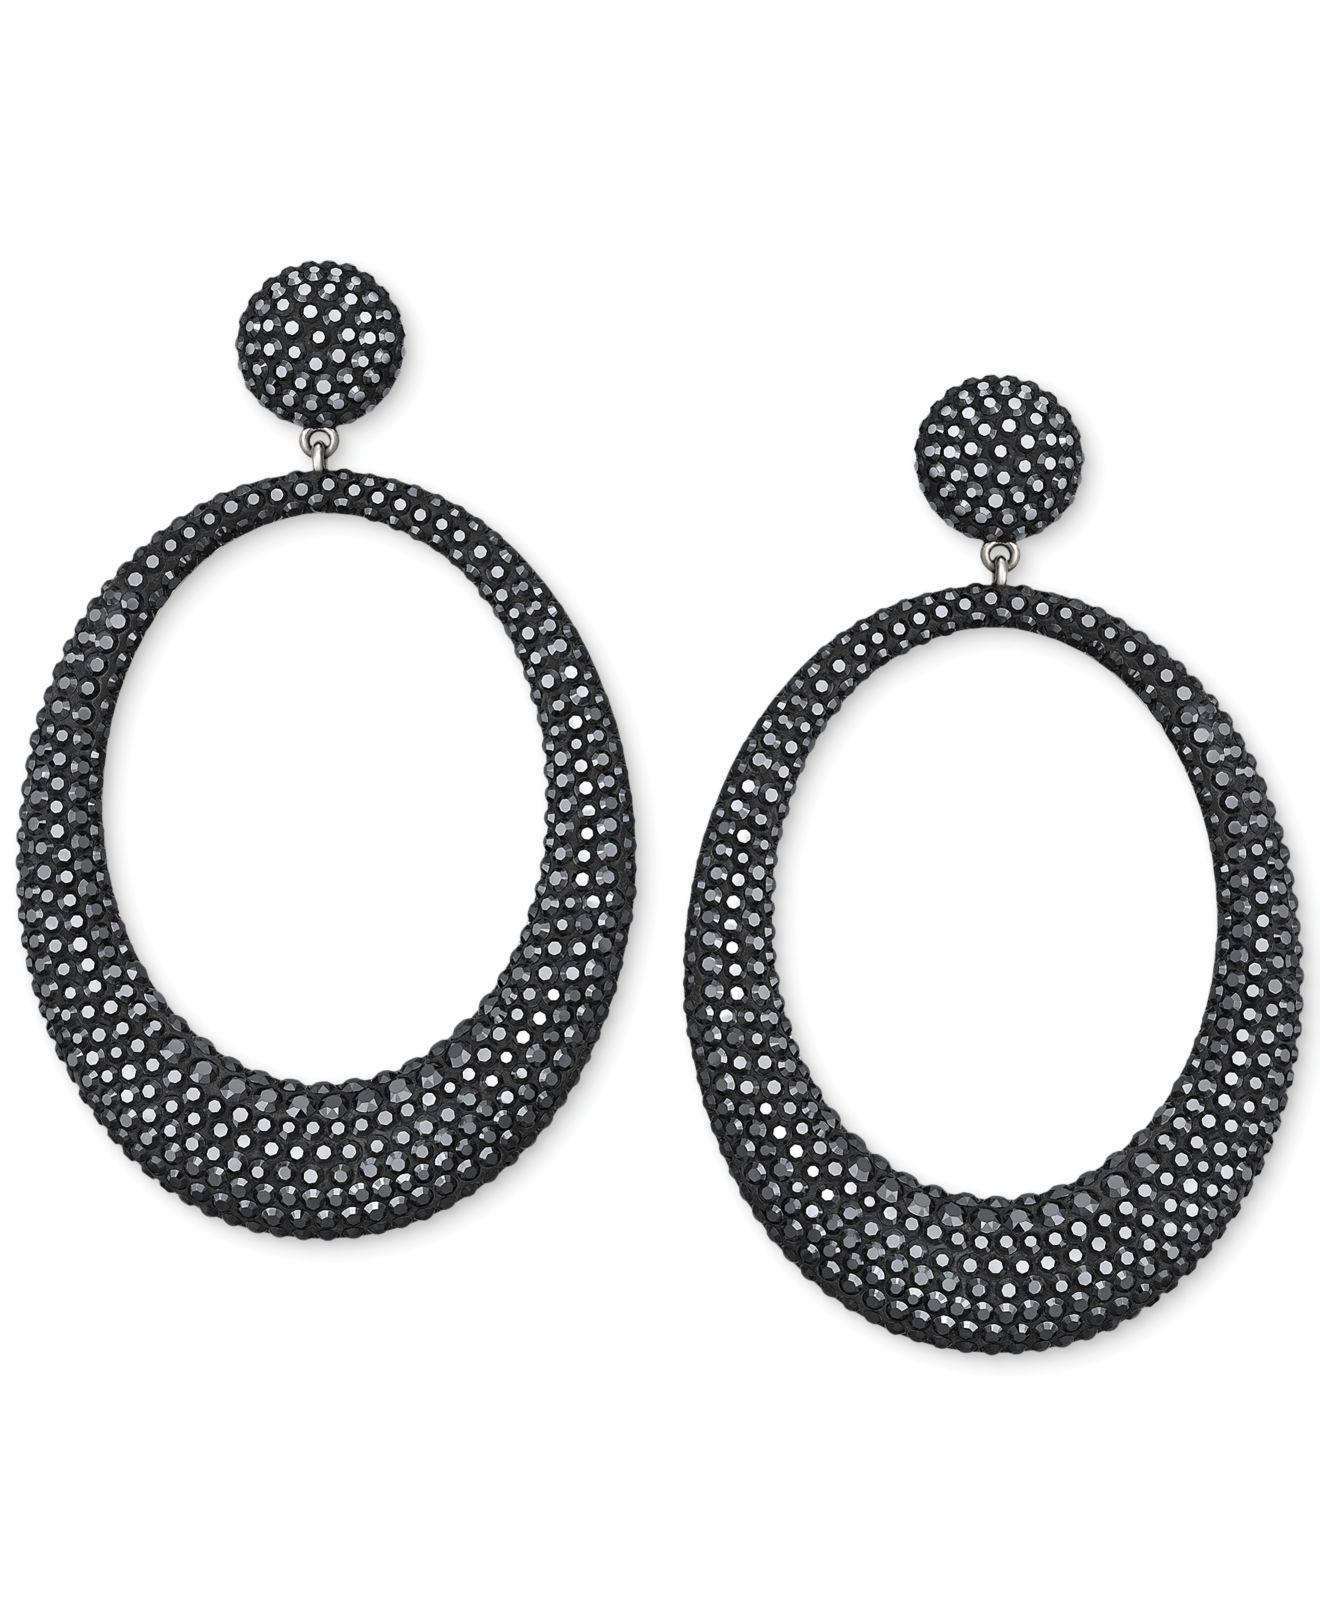 Swarovski Hematite Tone Crystal Large Hoop Drop Earring In Black